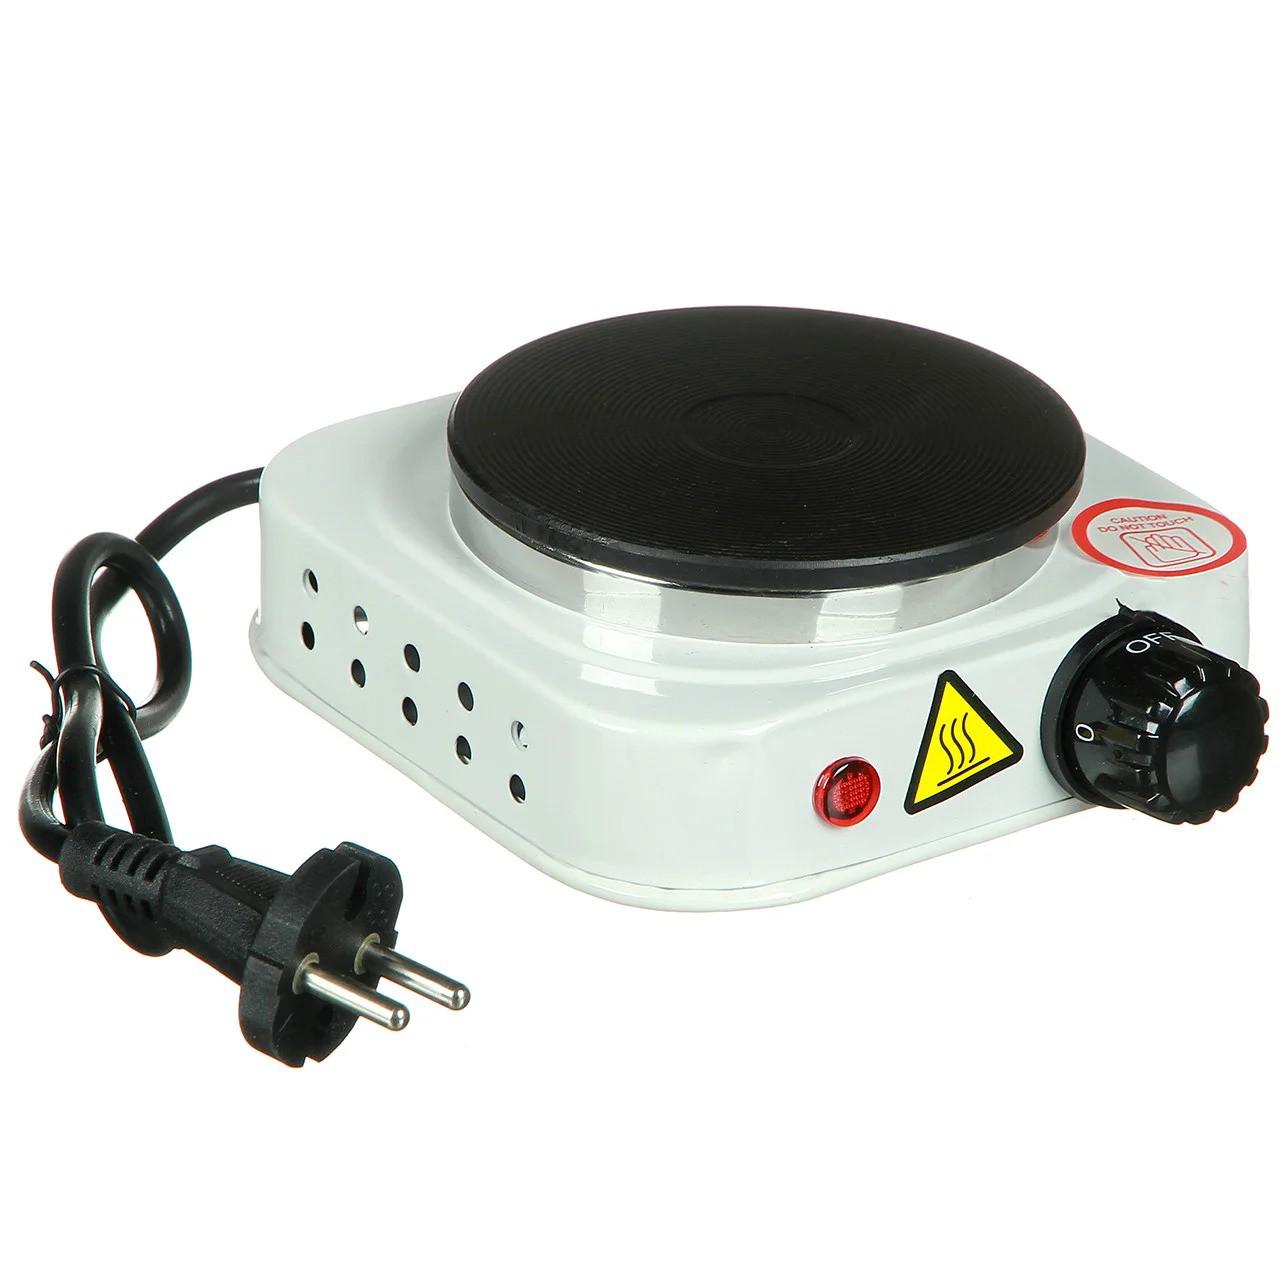 Плита кухонна настільна електрична дискова Hot Plate 500 Вт